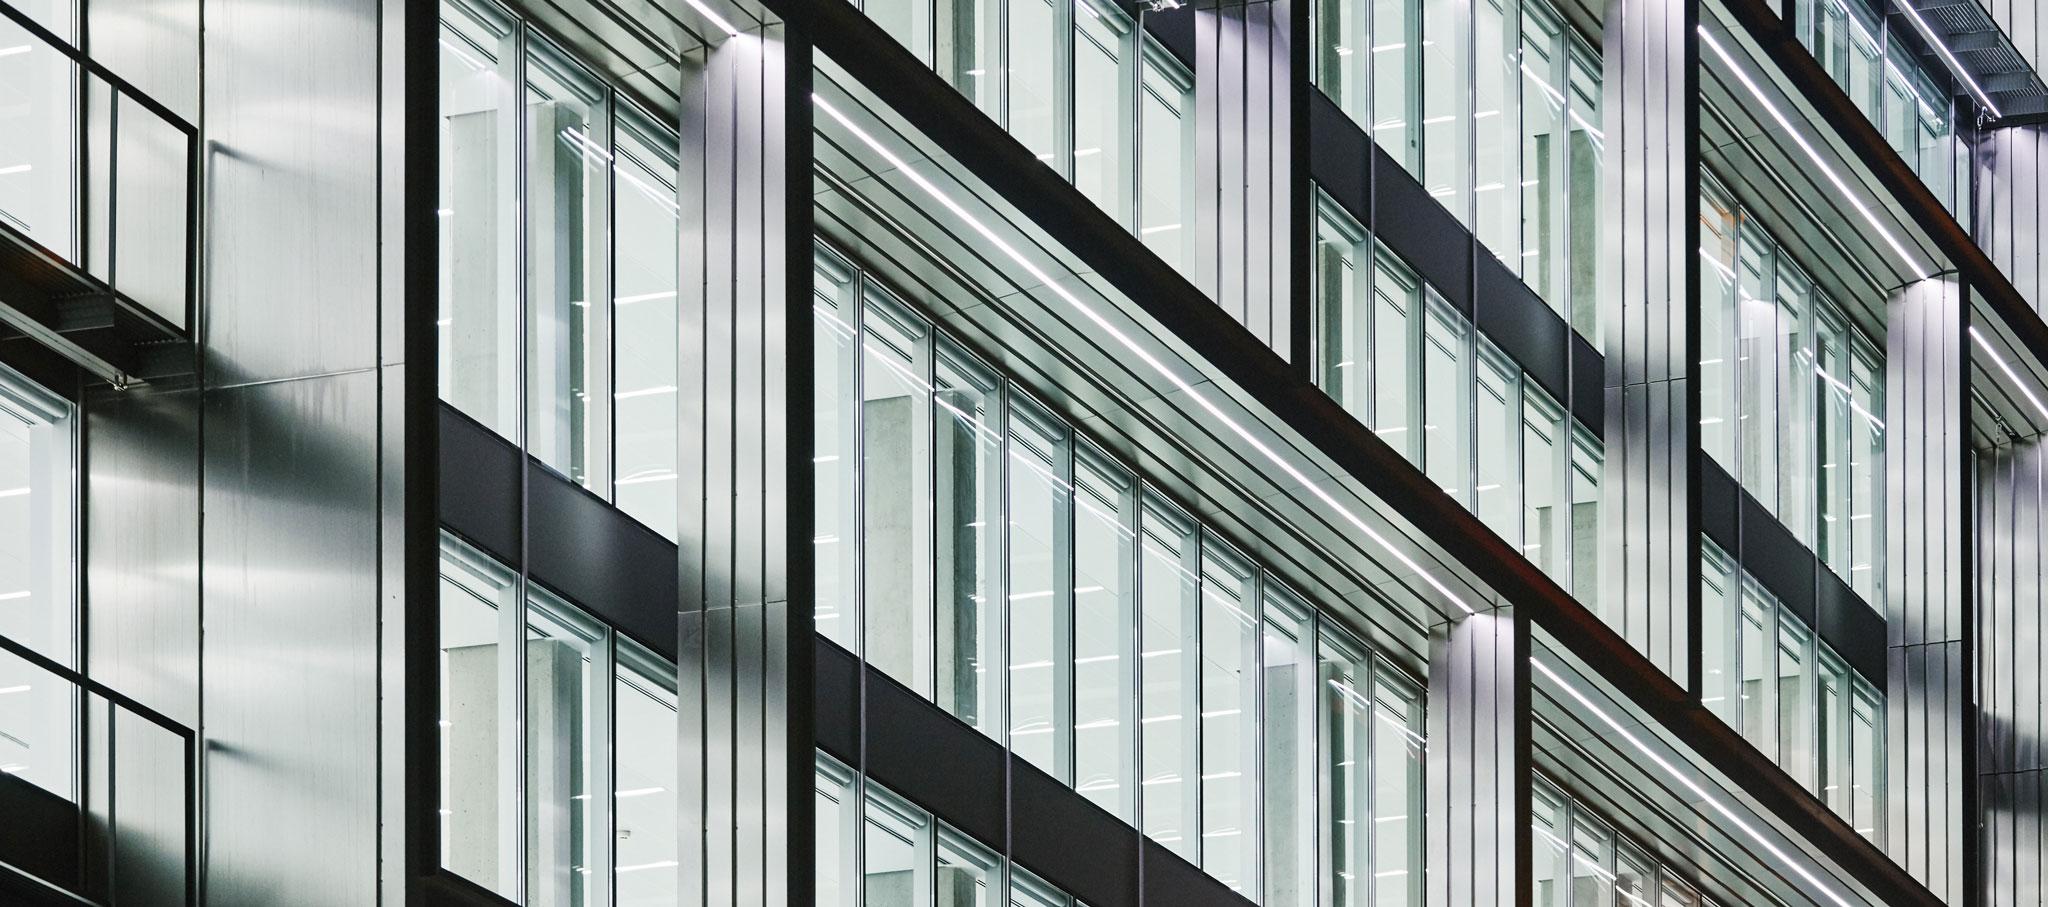 Fachada detalle. 'Discovery Building' por Estudio Lamela. Fotografía por Daniel Schäfer